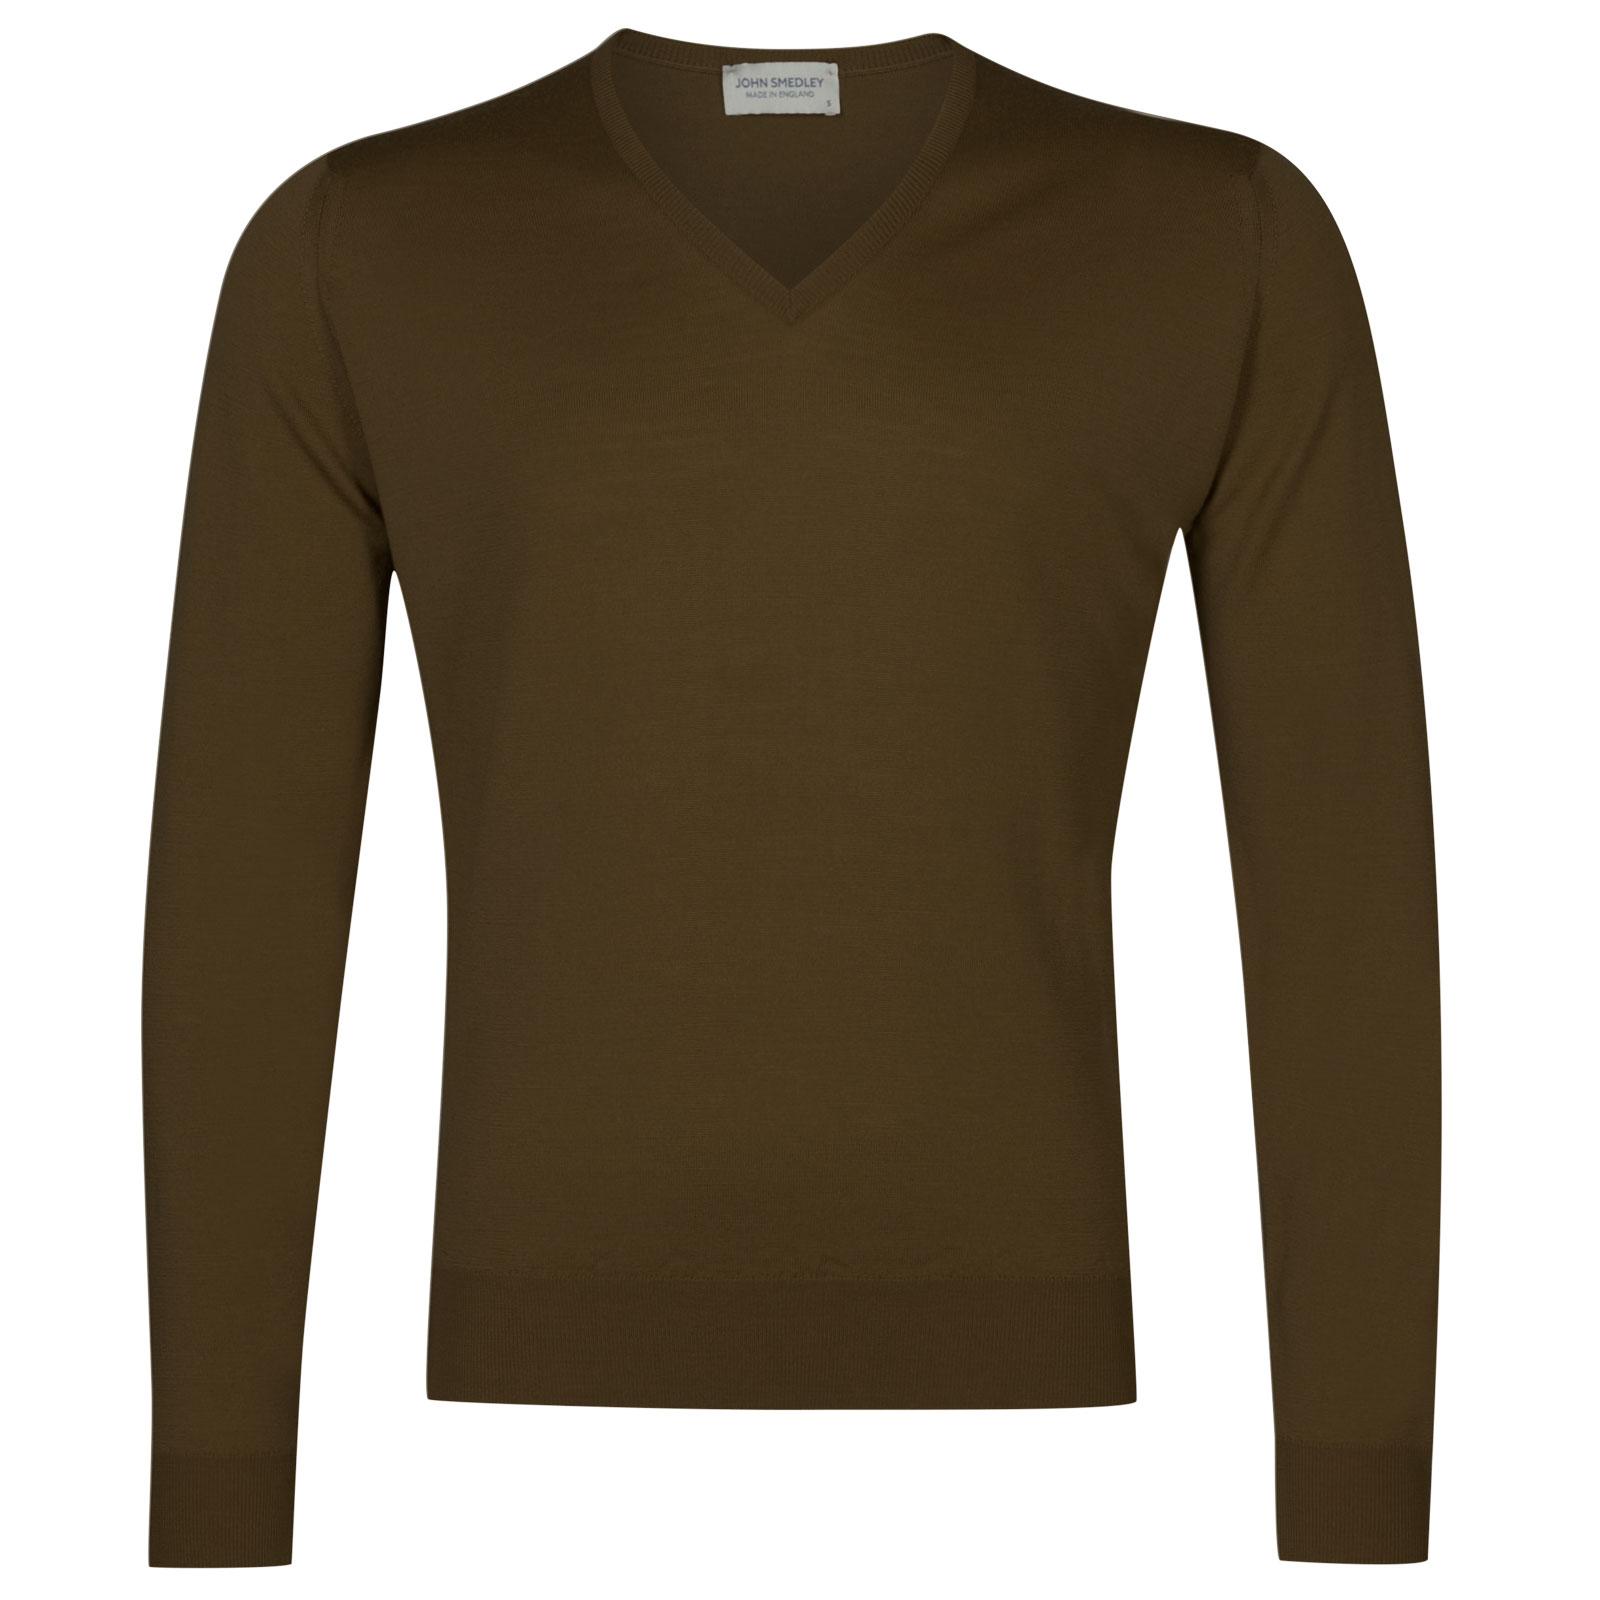 John Smedley Lugano Merino Wool Pullover in Kielder Green-S